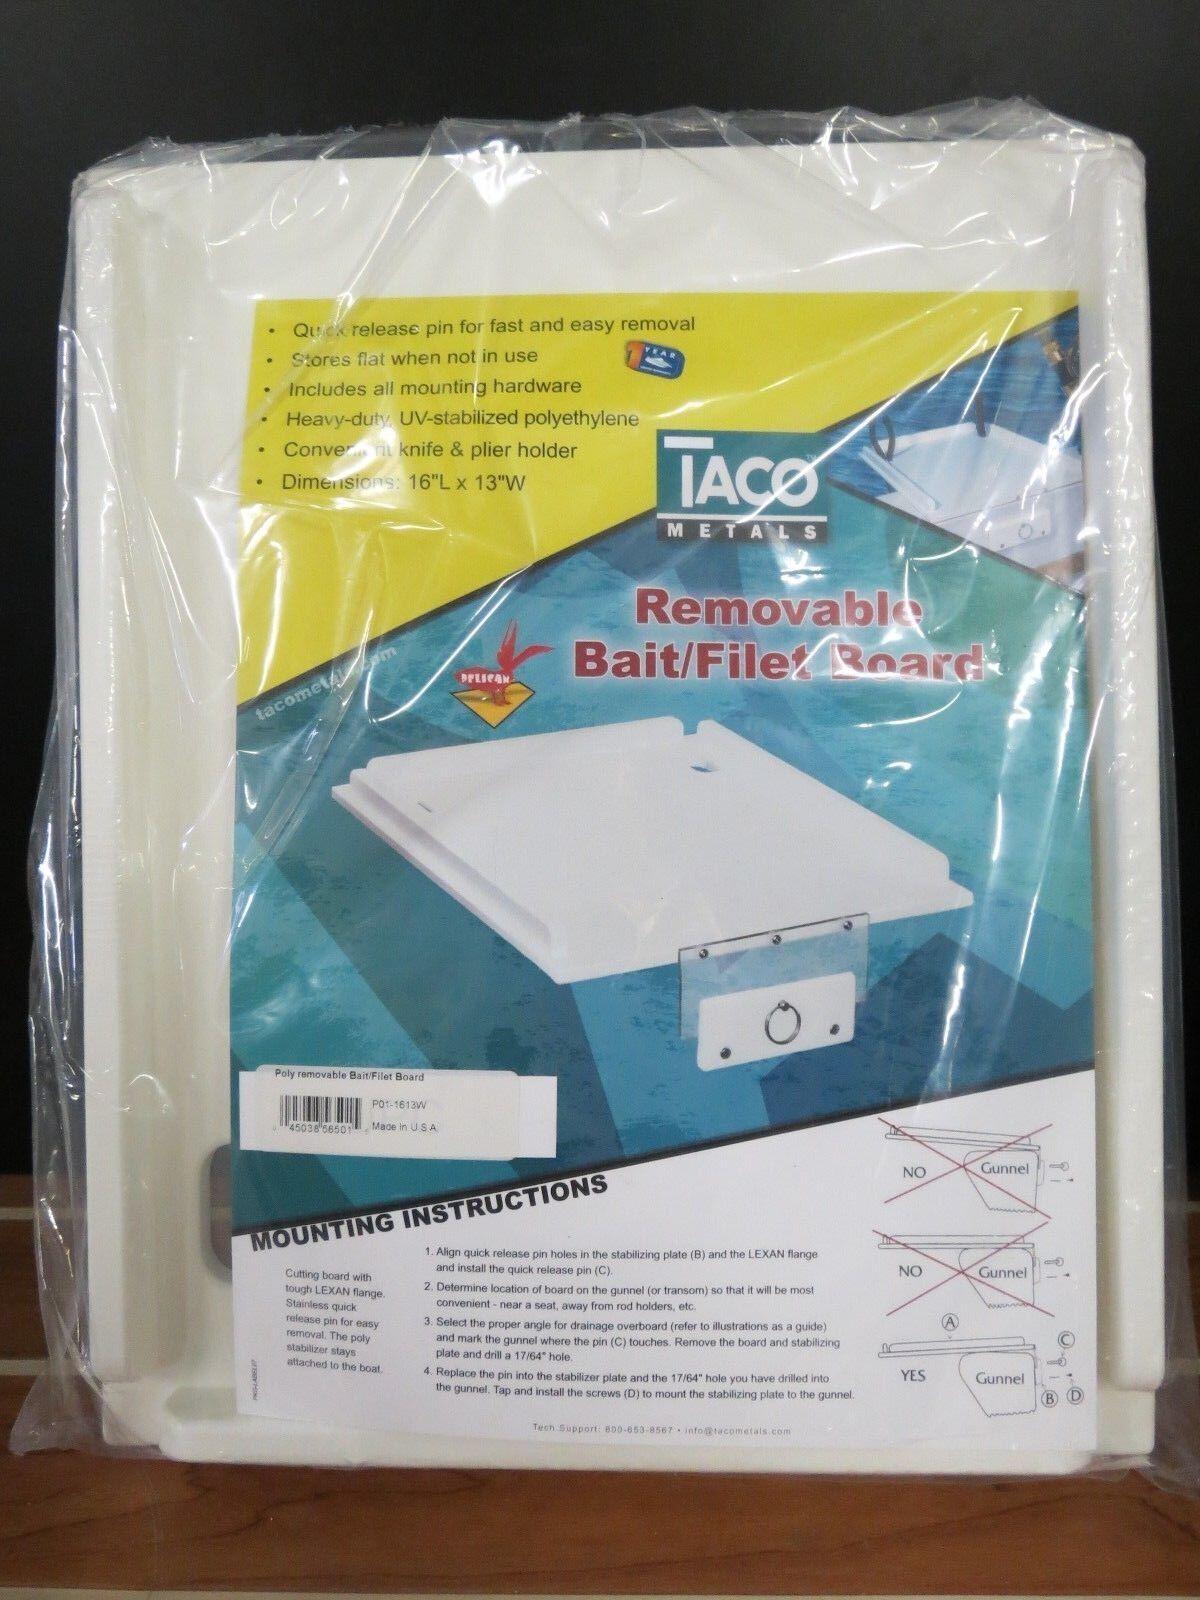 TACO METAL REMOVABLE  BAIT FILET BOARD  PO1-1613W  unique design